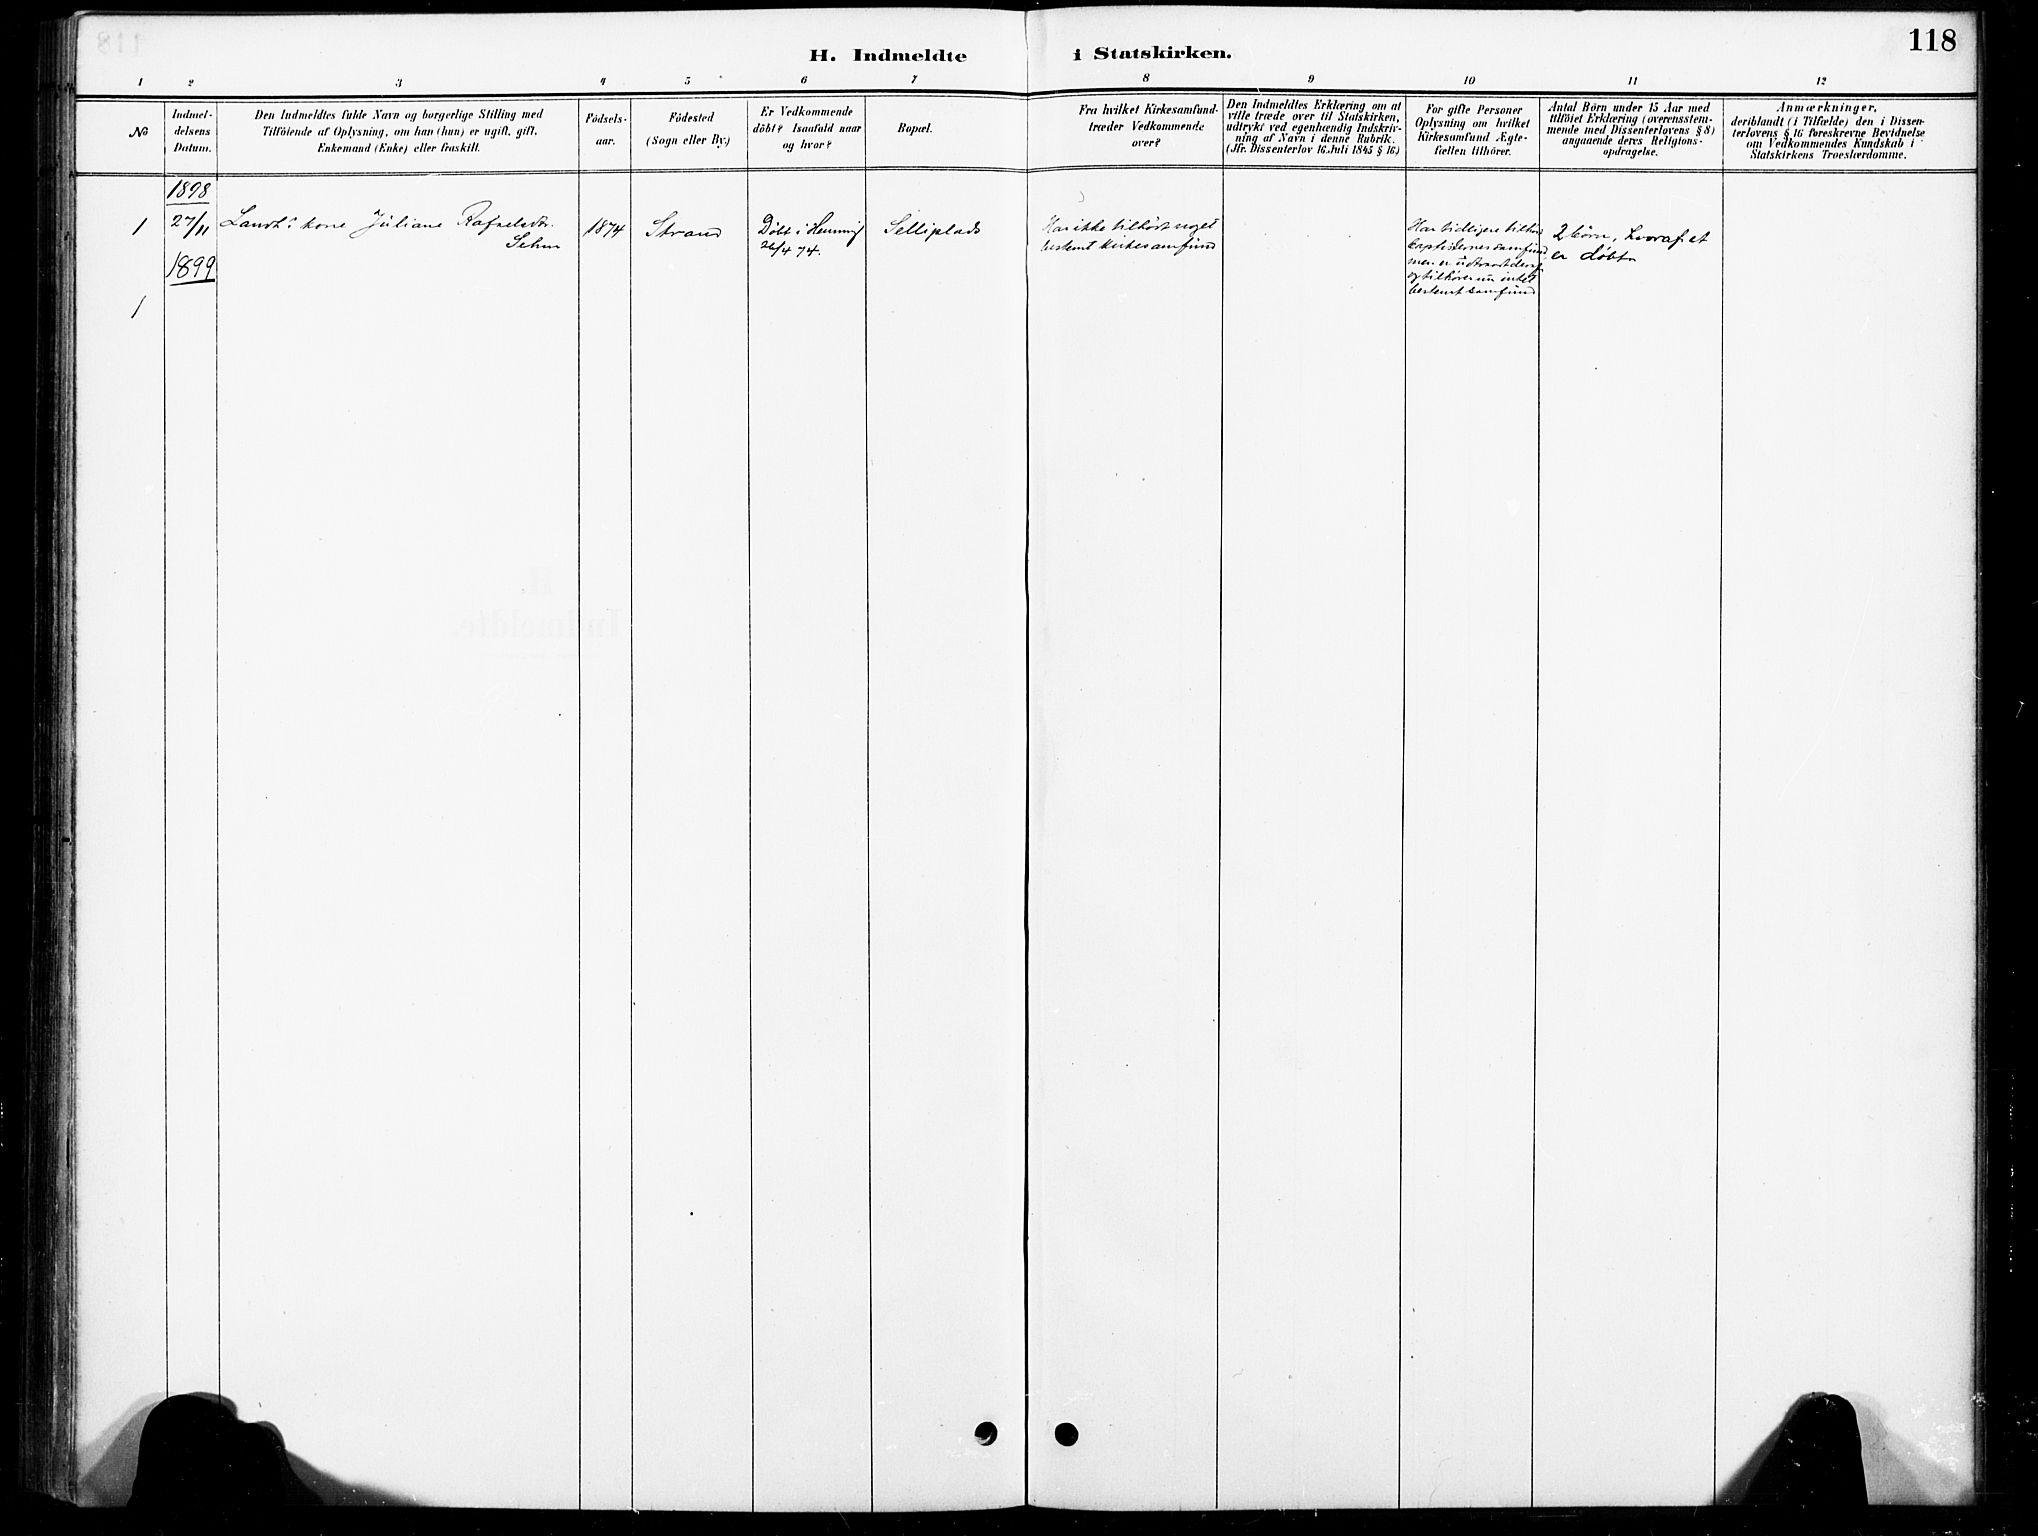 SAT, Ministerialprotokoller, klokkerbøker og fødselsregistre - Nord-Trøndelag, 738/L0364: Ministerialbok nr. 738A01, 1884-1902, s. 118